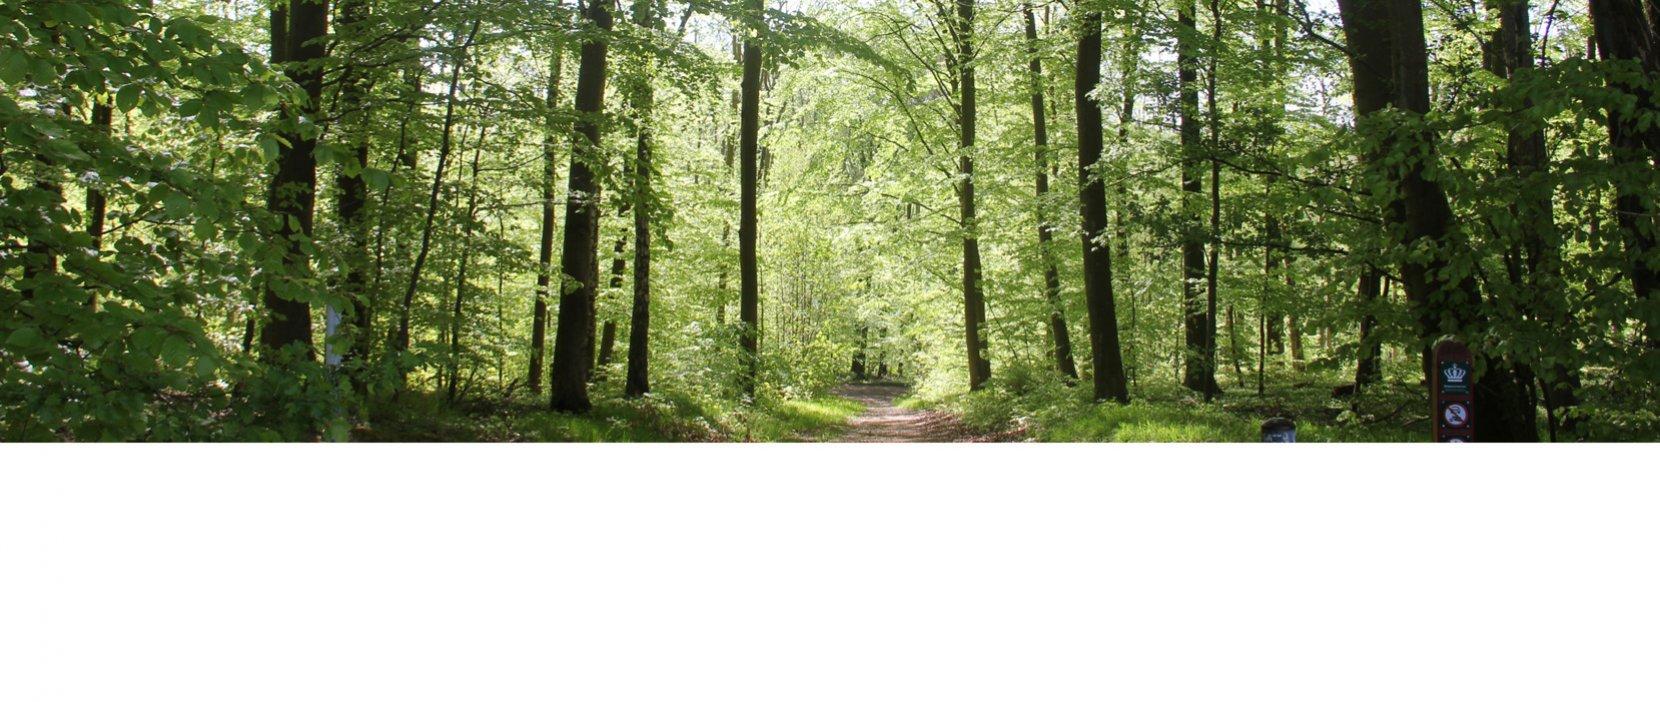 Skovsti omgivet af træer med lysegrønne blade